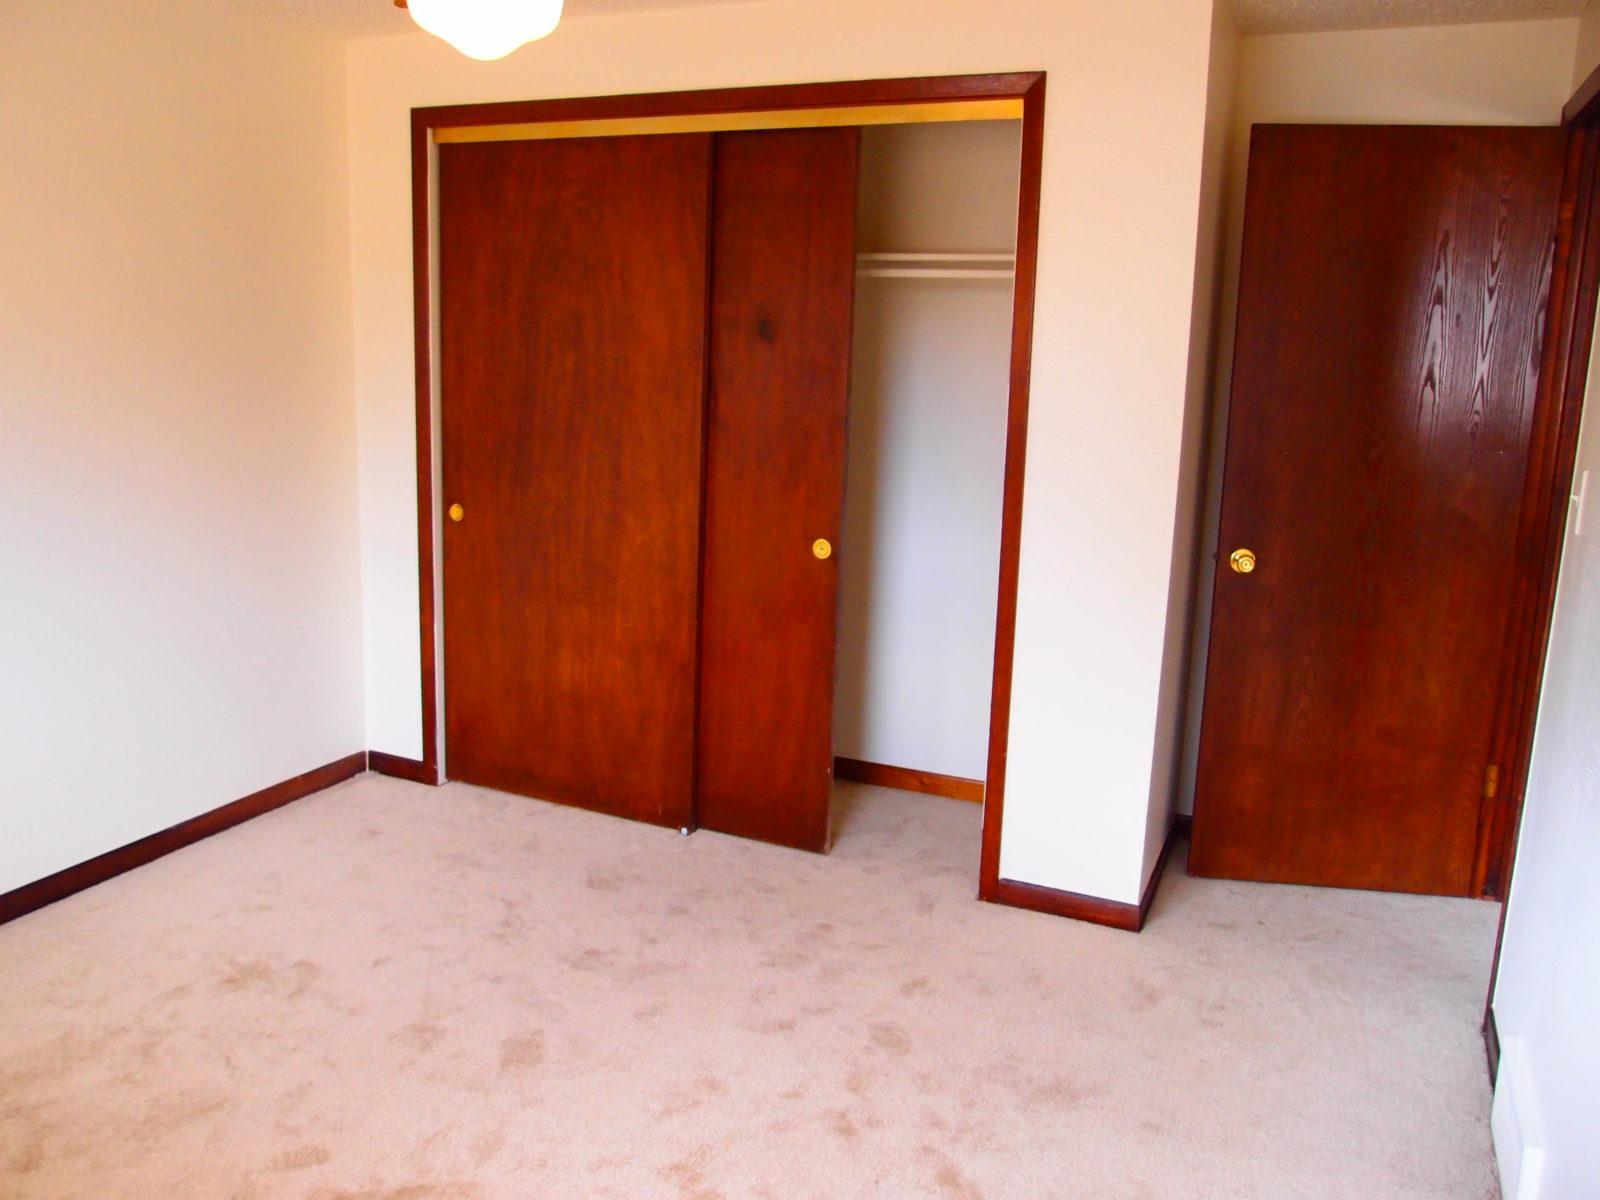 2168 Dexter Bed 1 Closet